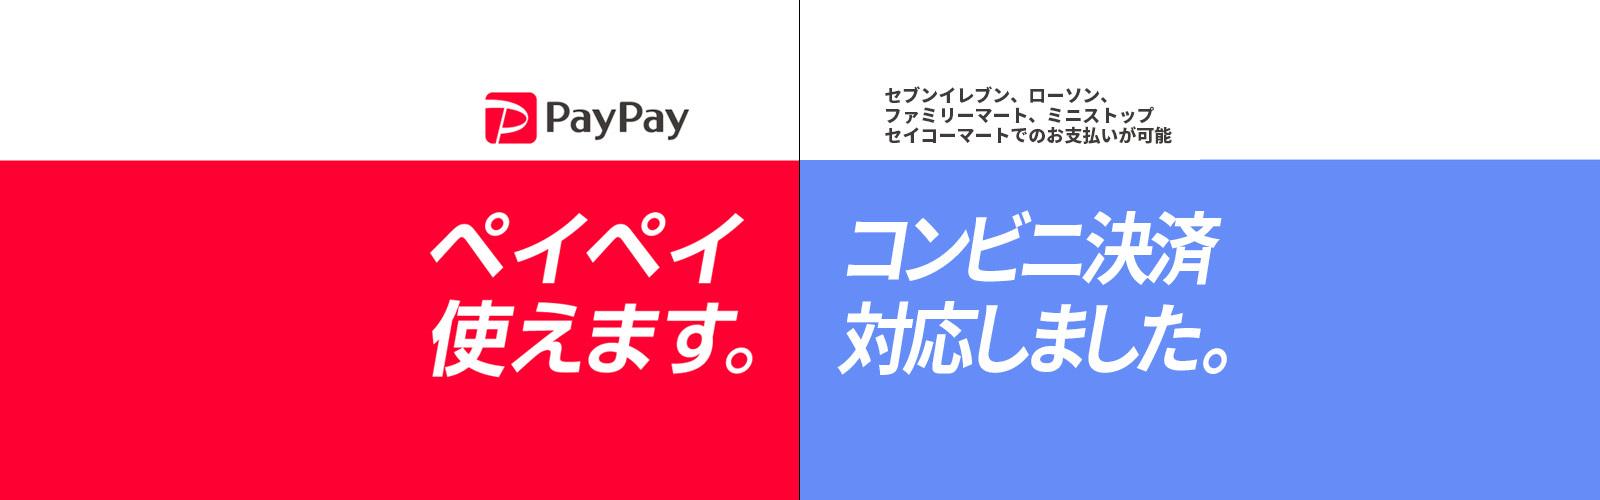 PayPay、コンビニ決済でのお支払いが可能になりました。